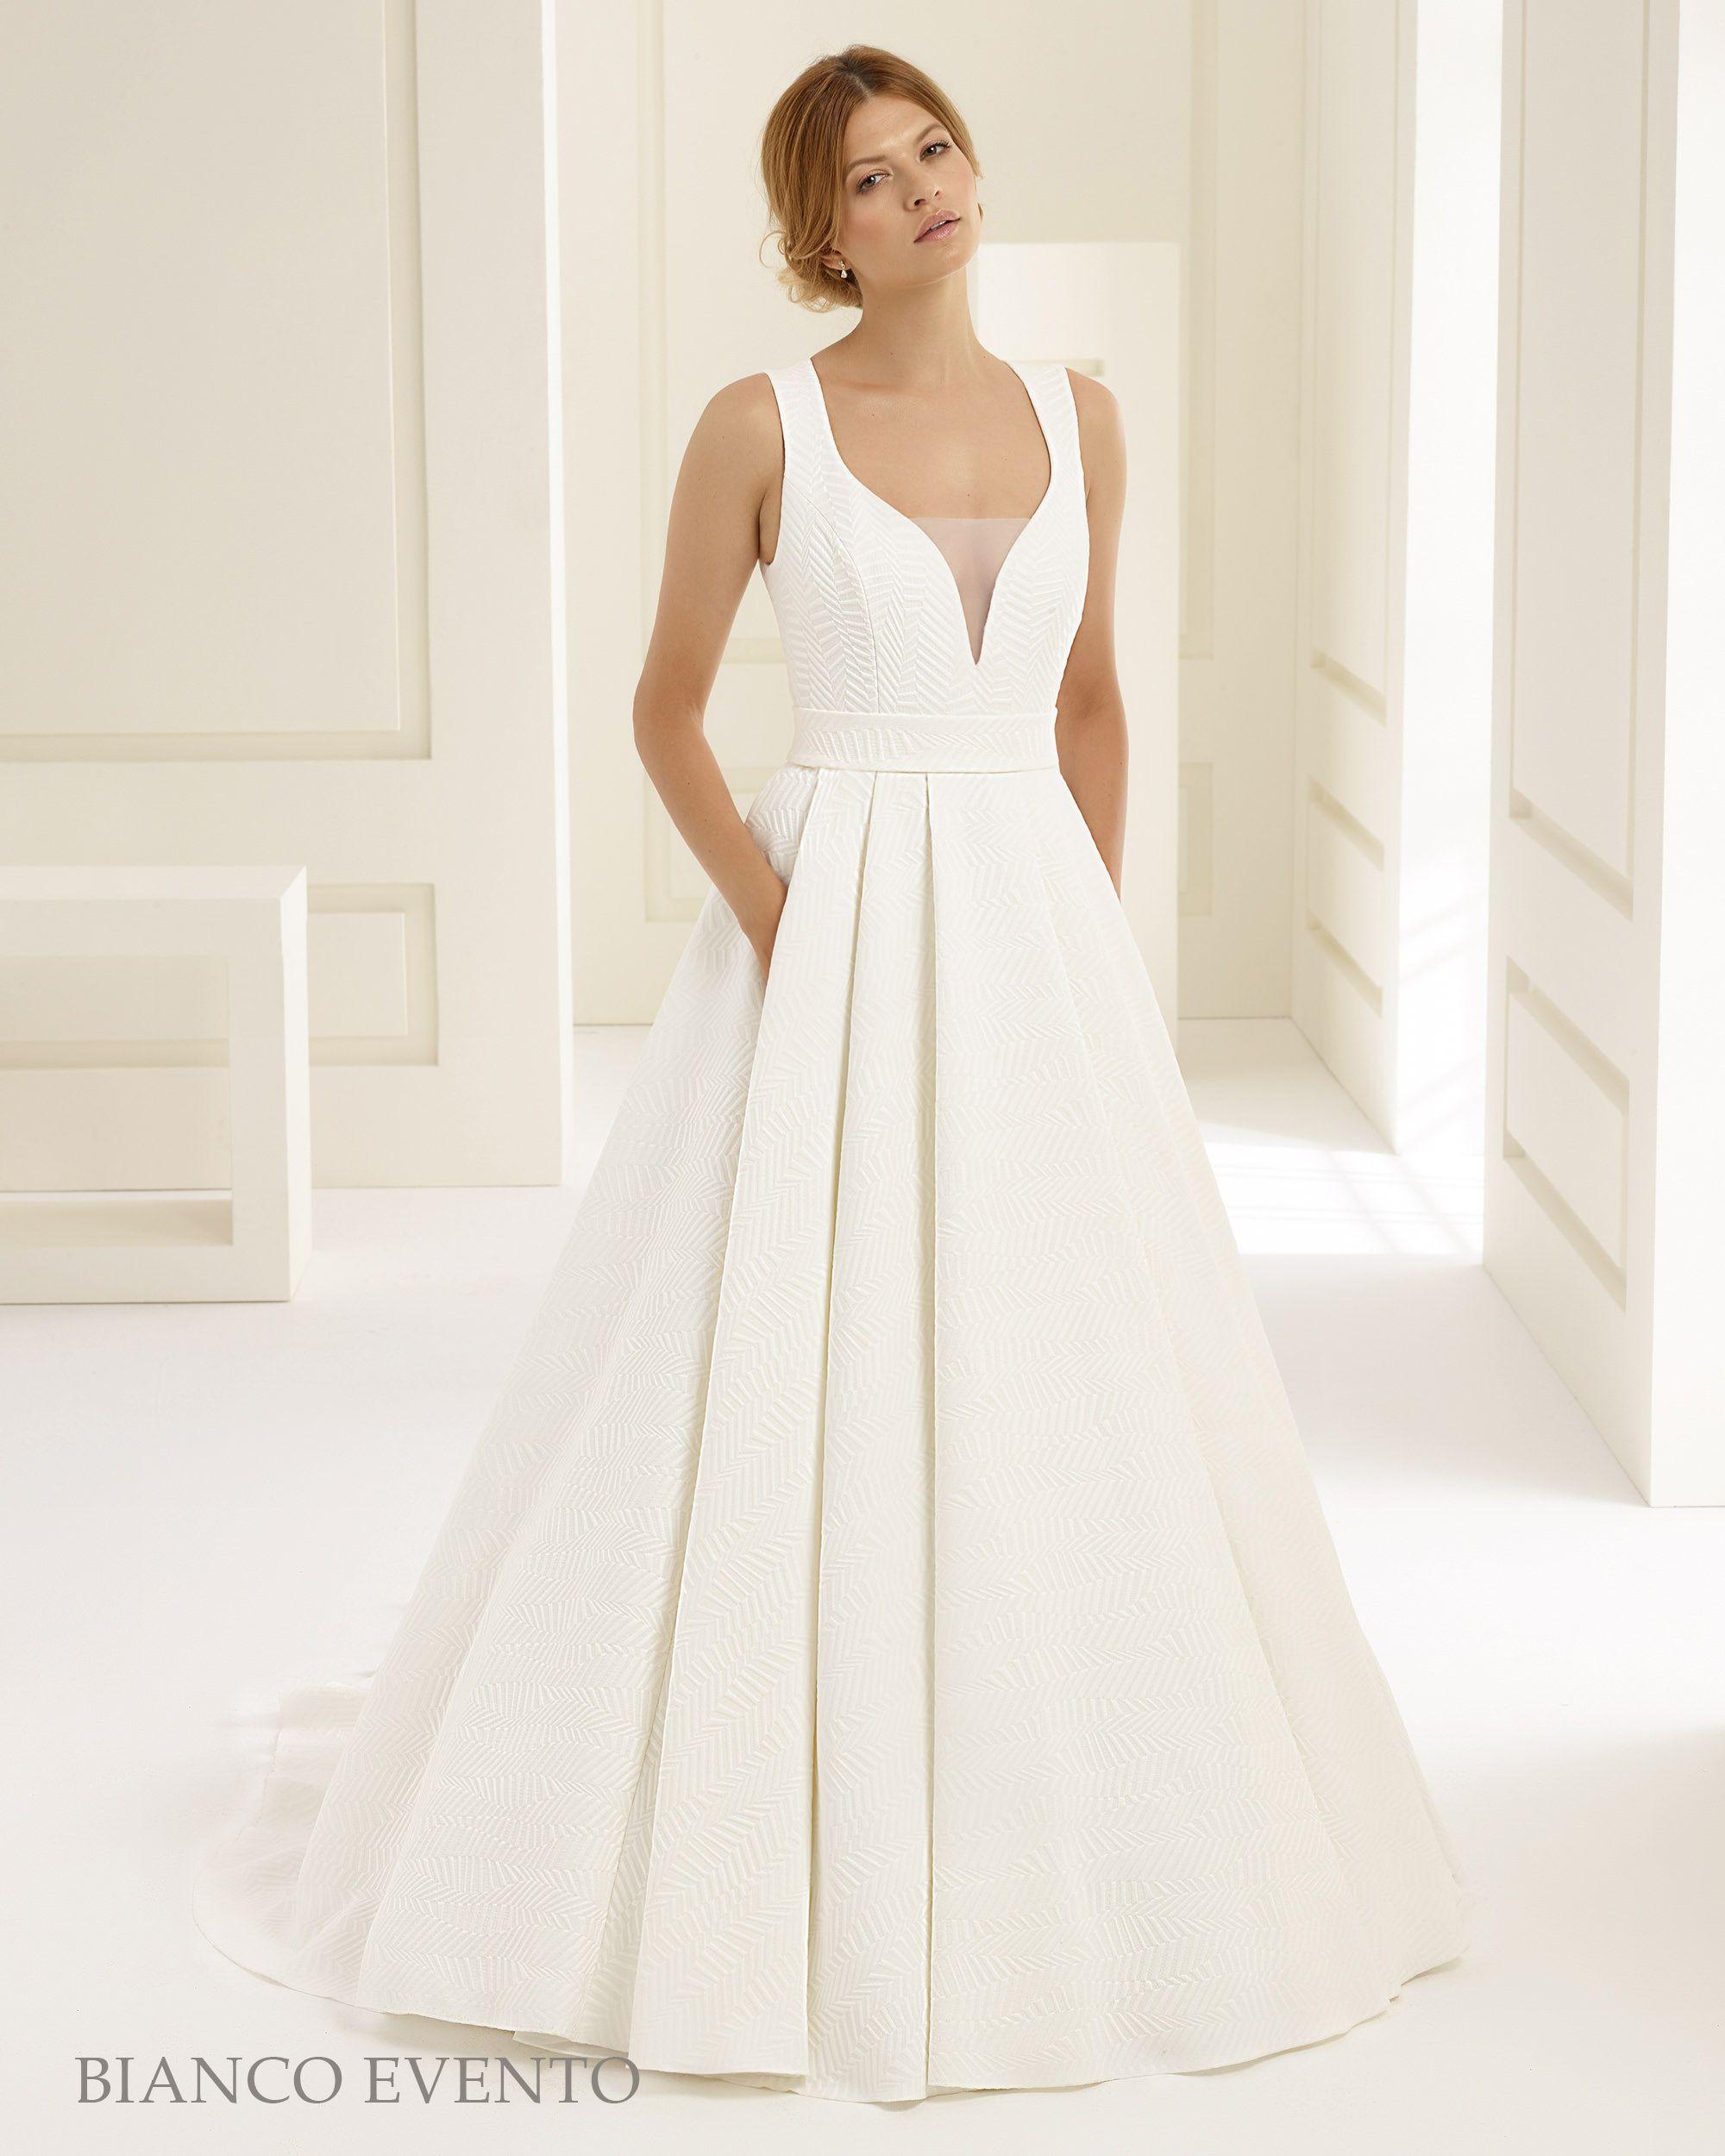 Zauberhaftes Brautkleid aus der Kollektion Bianco Evento ...